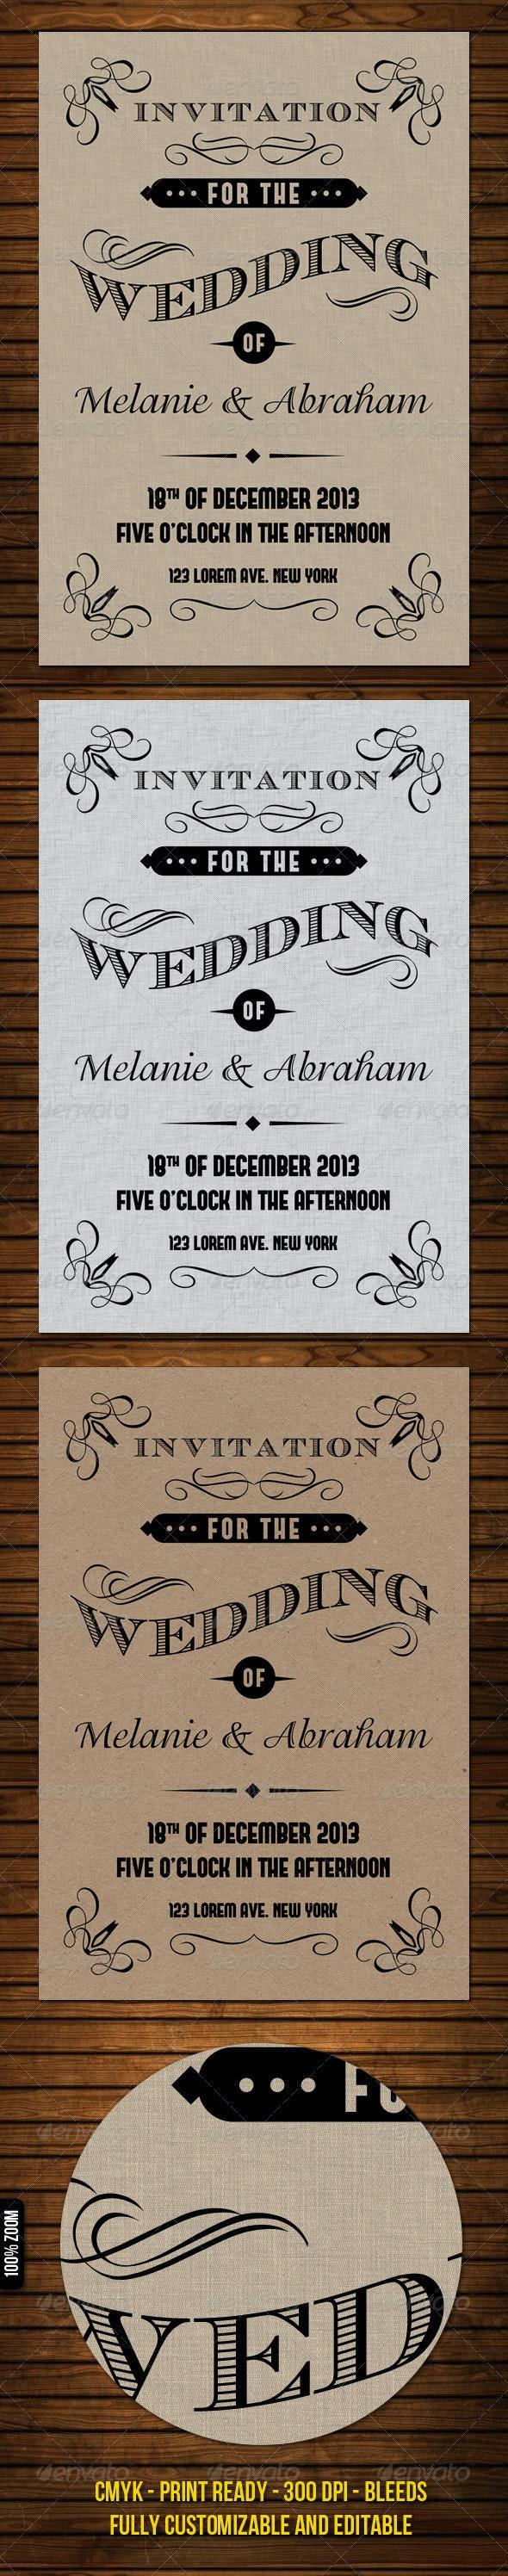 Old Vintage Wedding Invitation